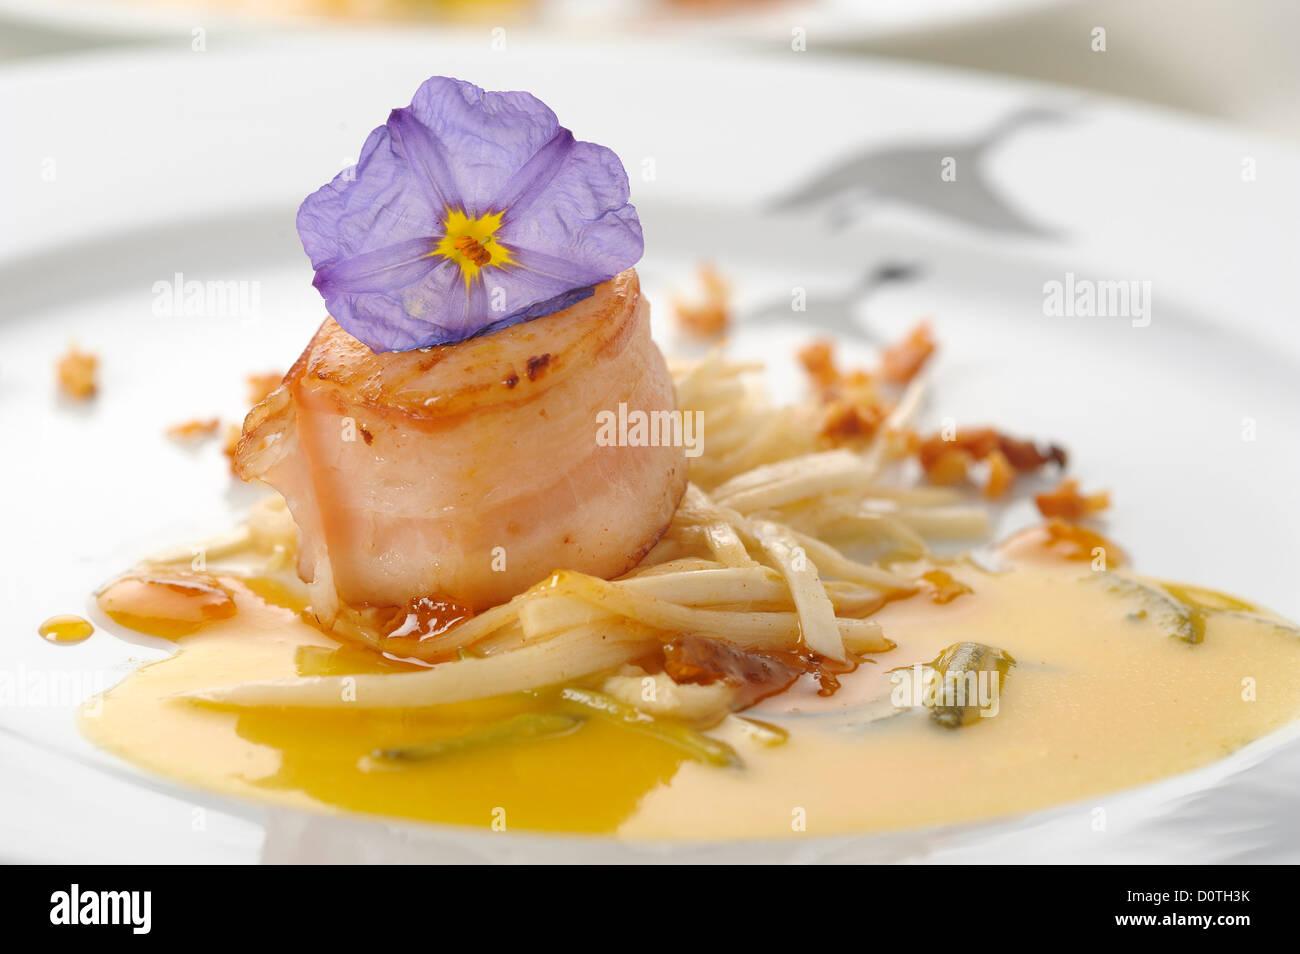 Gourmet-Küche - gebratene Jakobsmuscheln mit Speck Stockbild